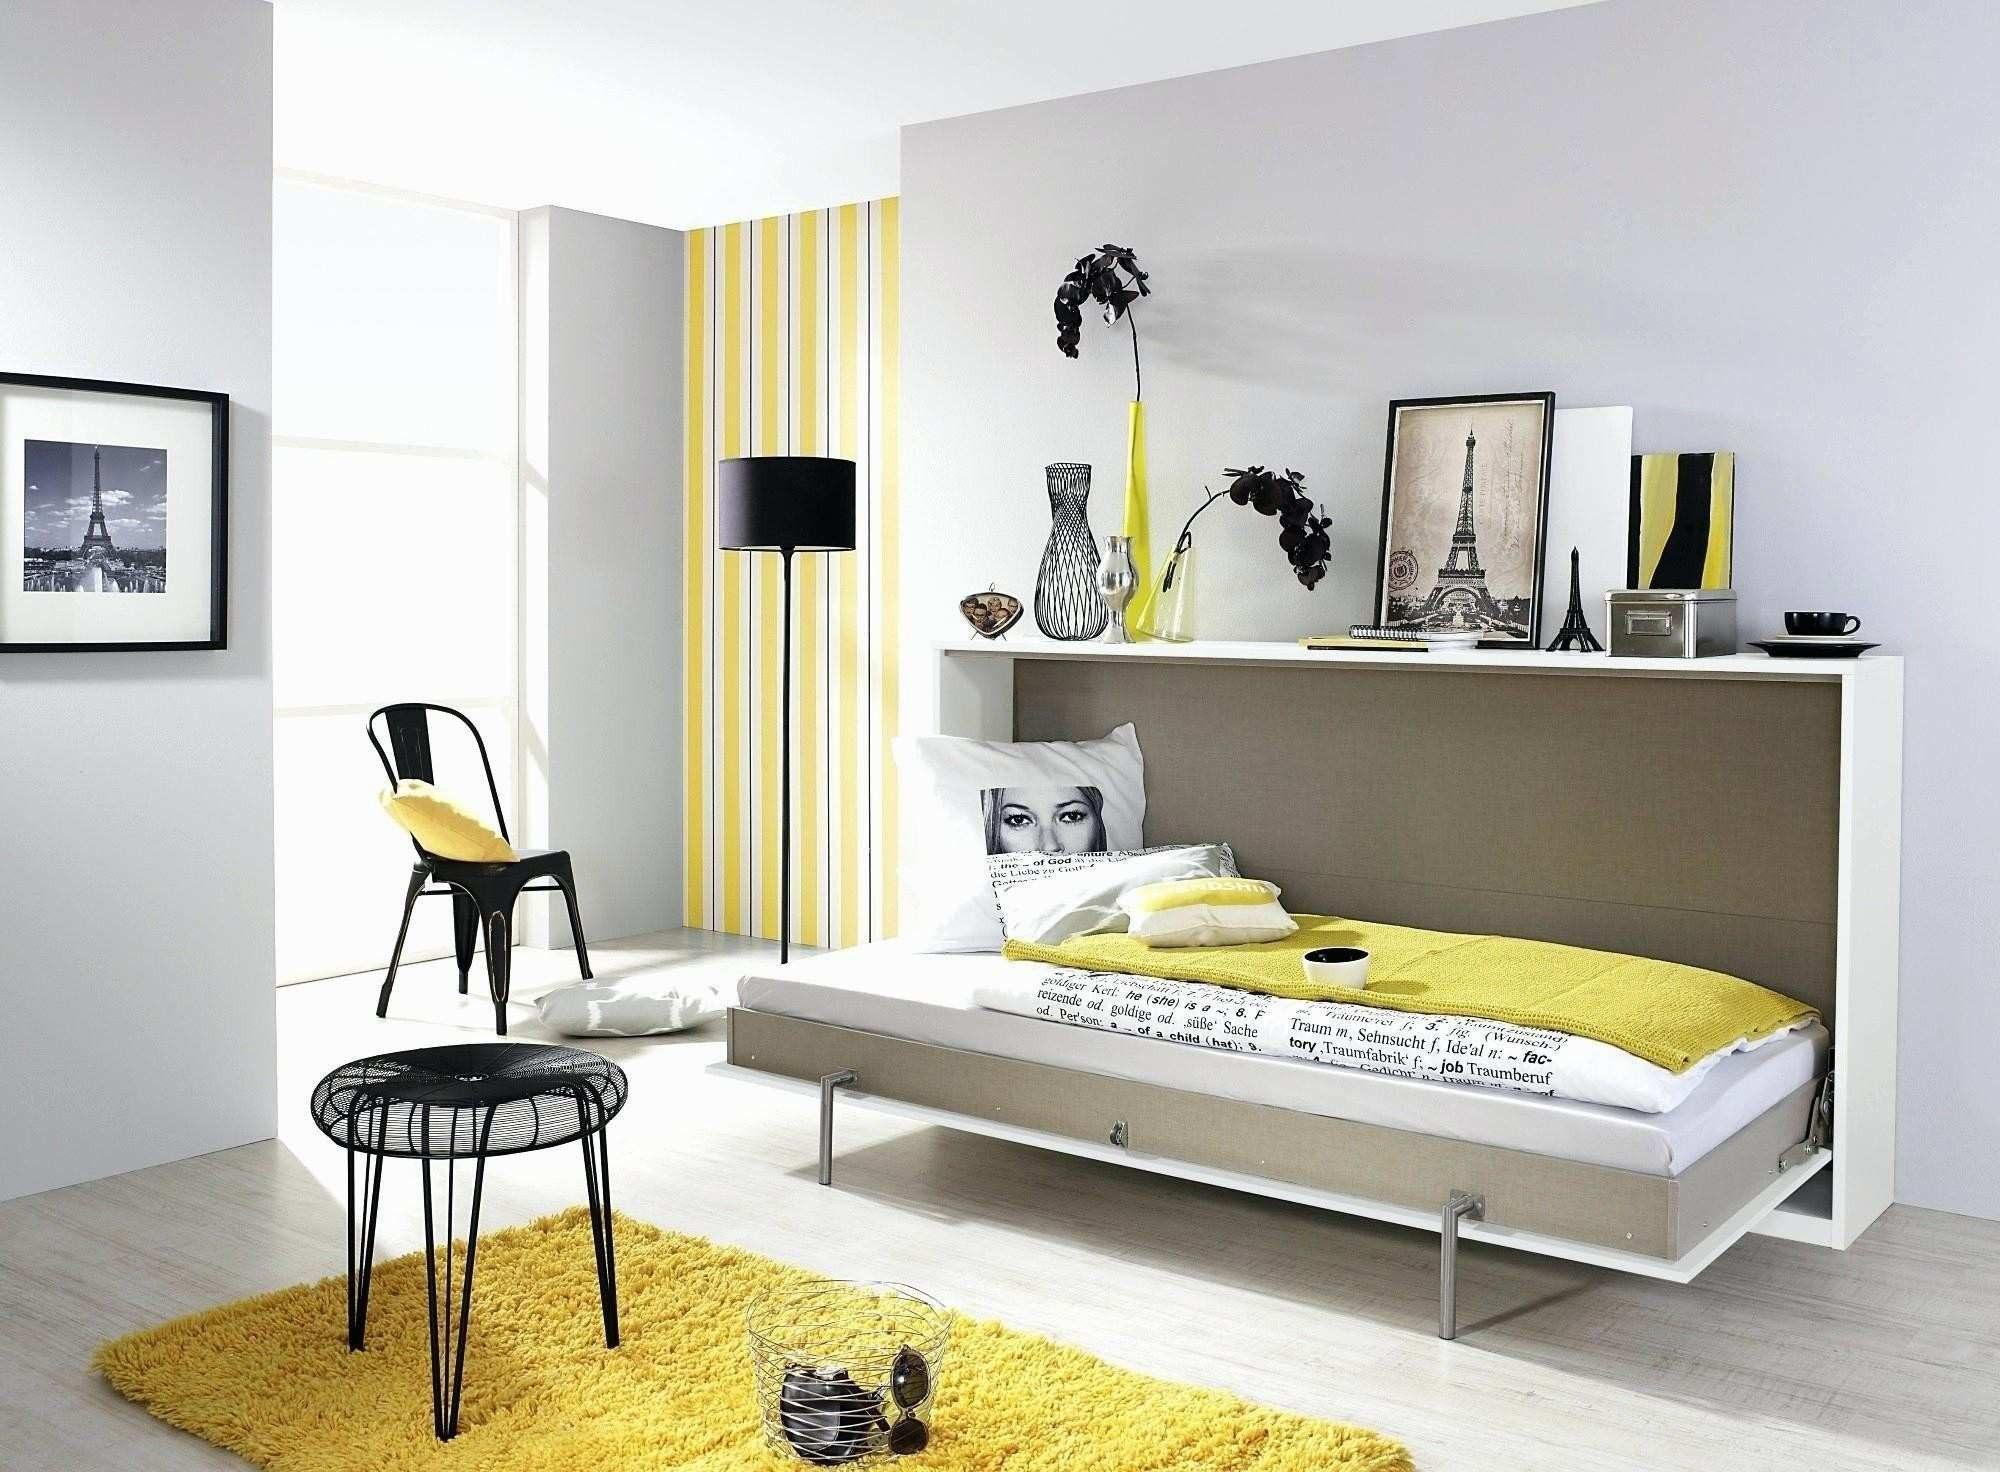 Lit Mezzanine Et Bureau Unique Lit Mezzanine Bureau Armoire Lit Convertible 2 Places Ikea Canape 2